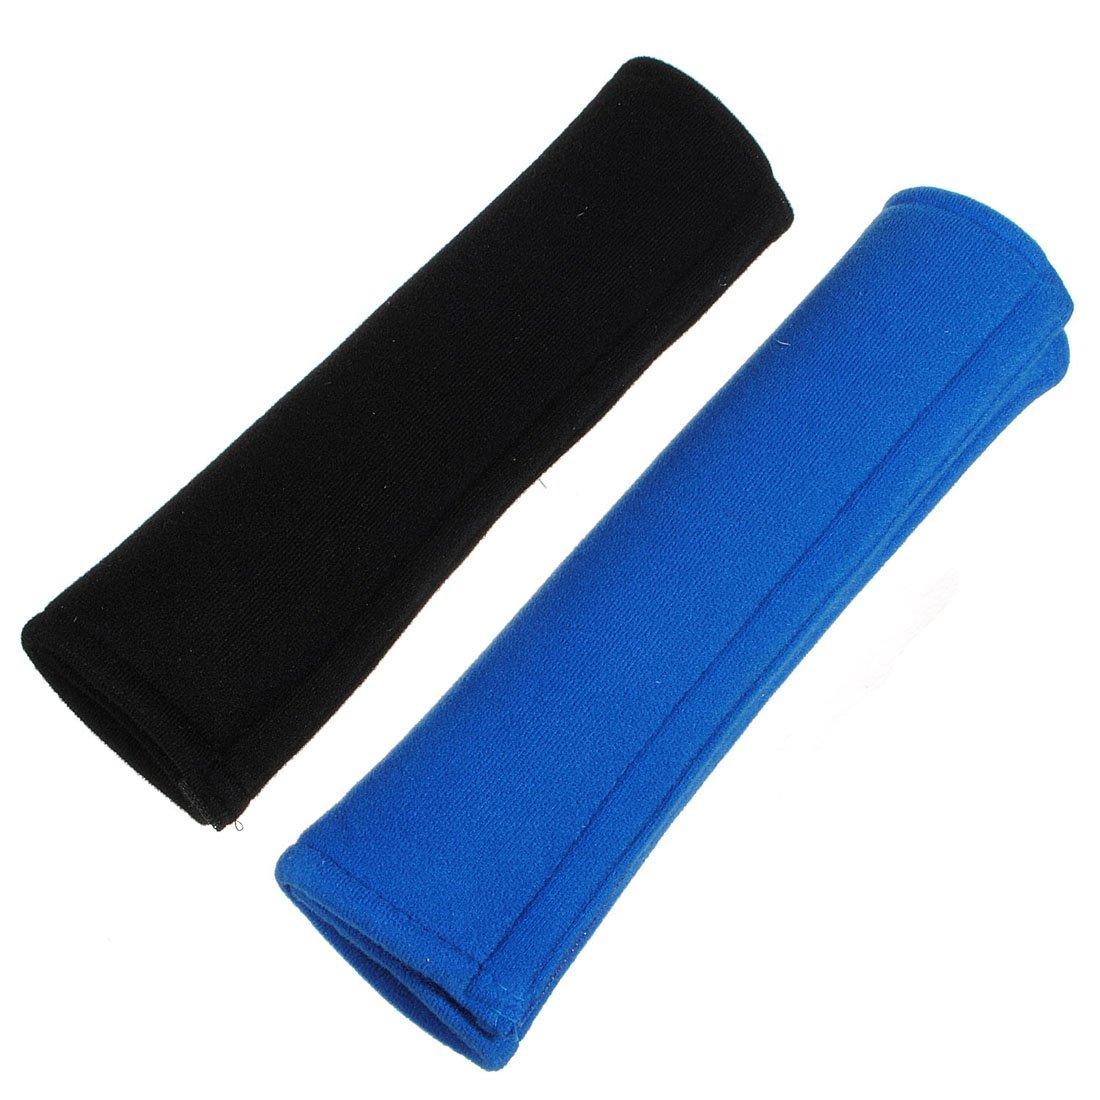 Car Safety Seat Belt Shoulder Strap Bag BackPack Pad Cover Cushion